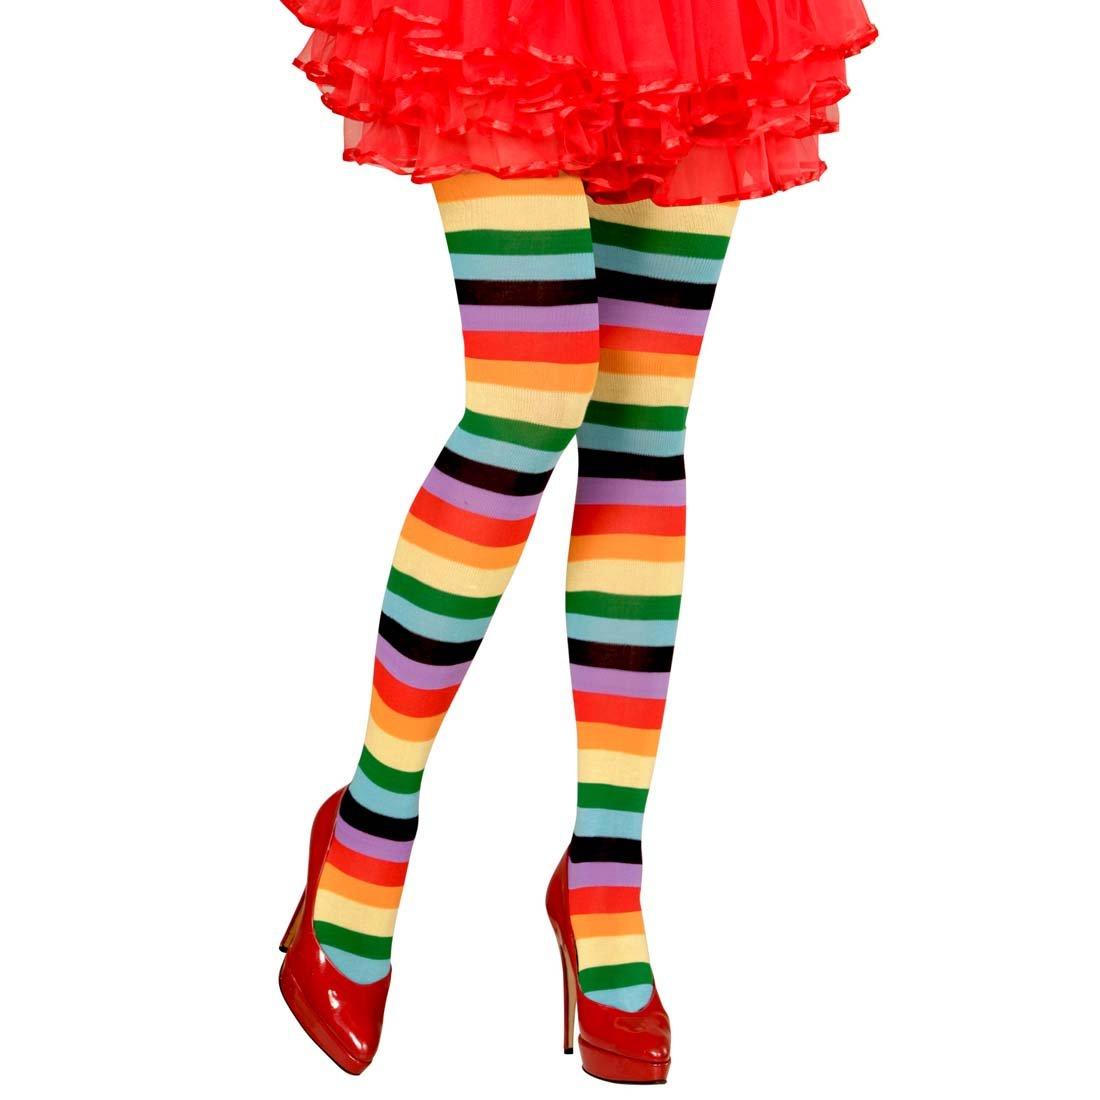 Calzamaglia a righe Collant arcobaleno colorate - Calzette da donna a cerchi Pantacalze da donna multicolore Leggings di nylon femminili Pantacollant sottili NET TOYS